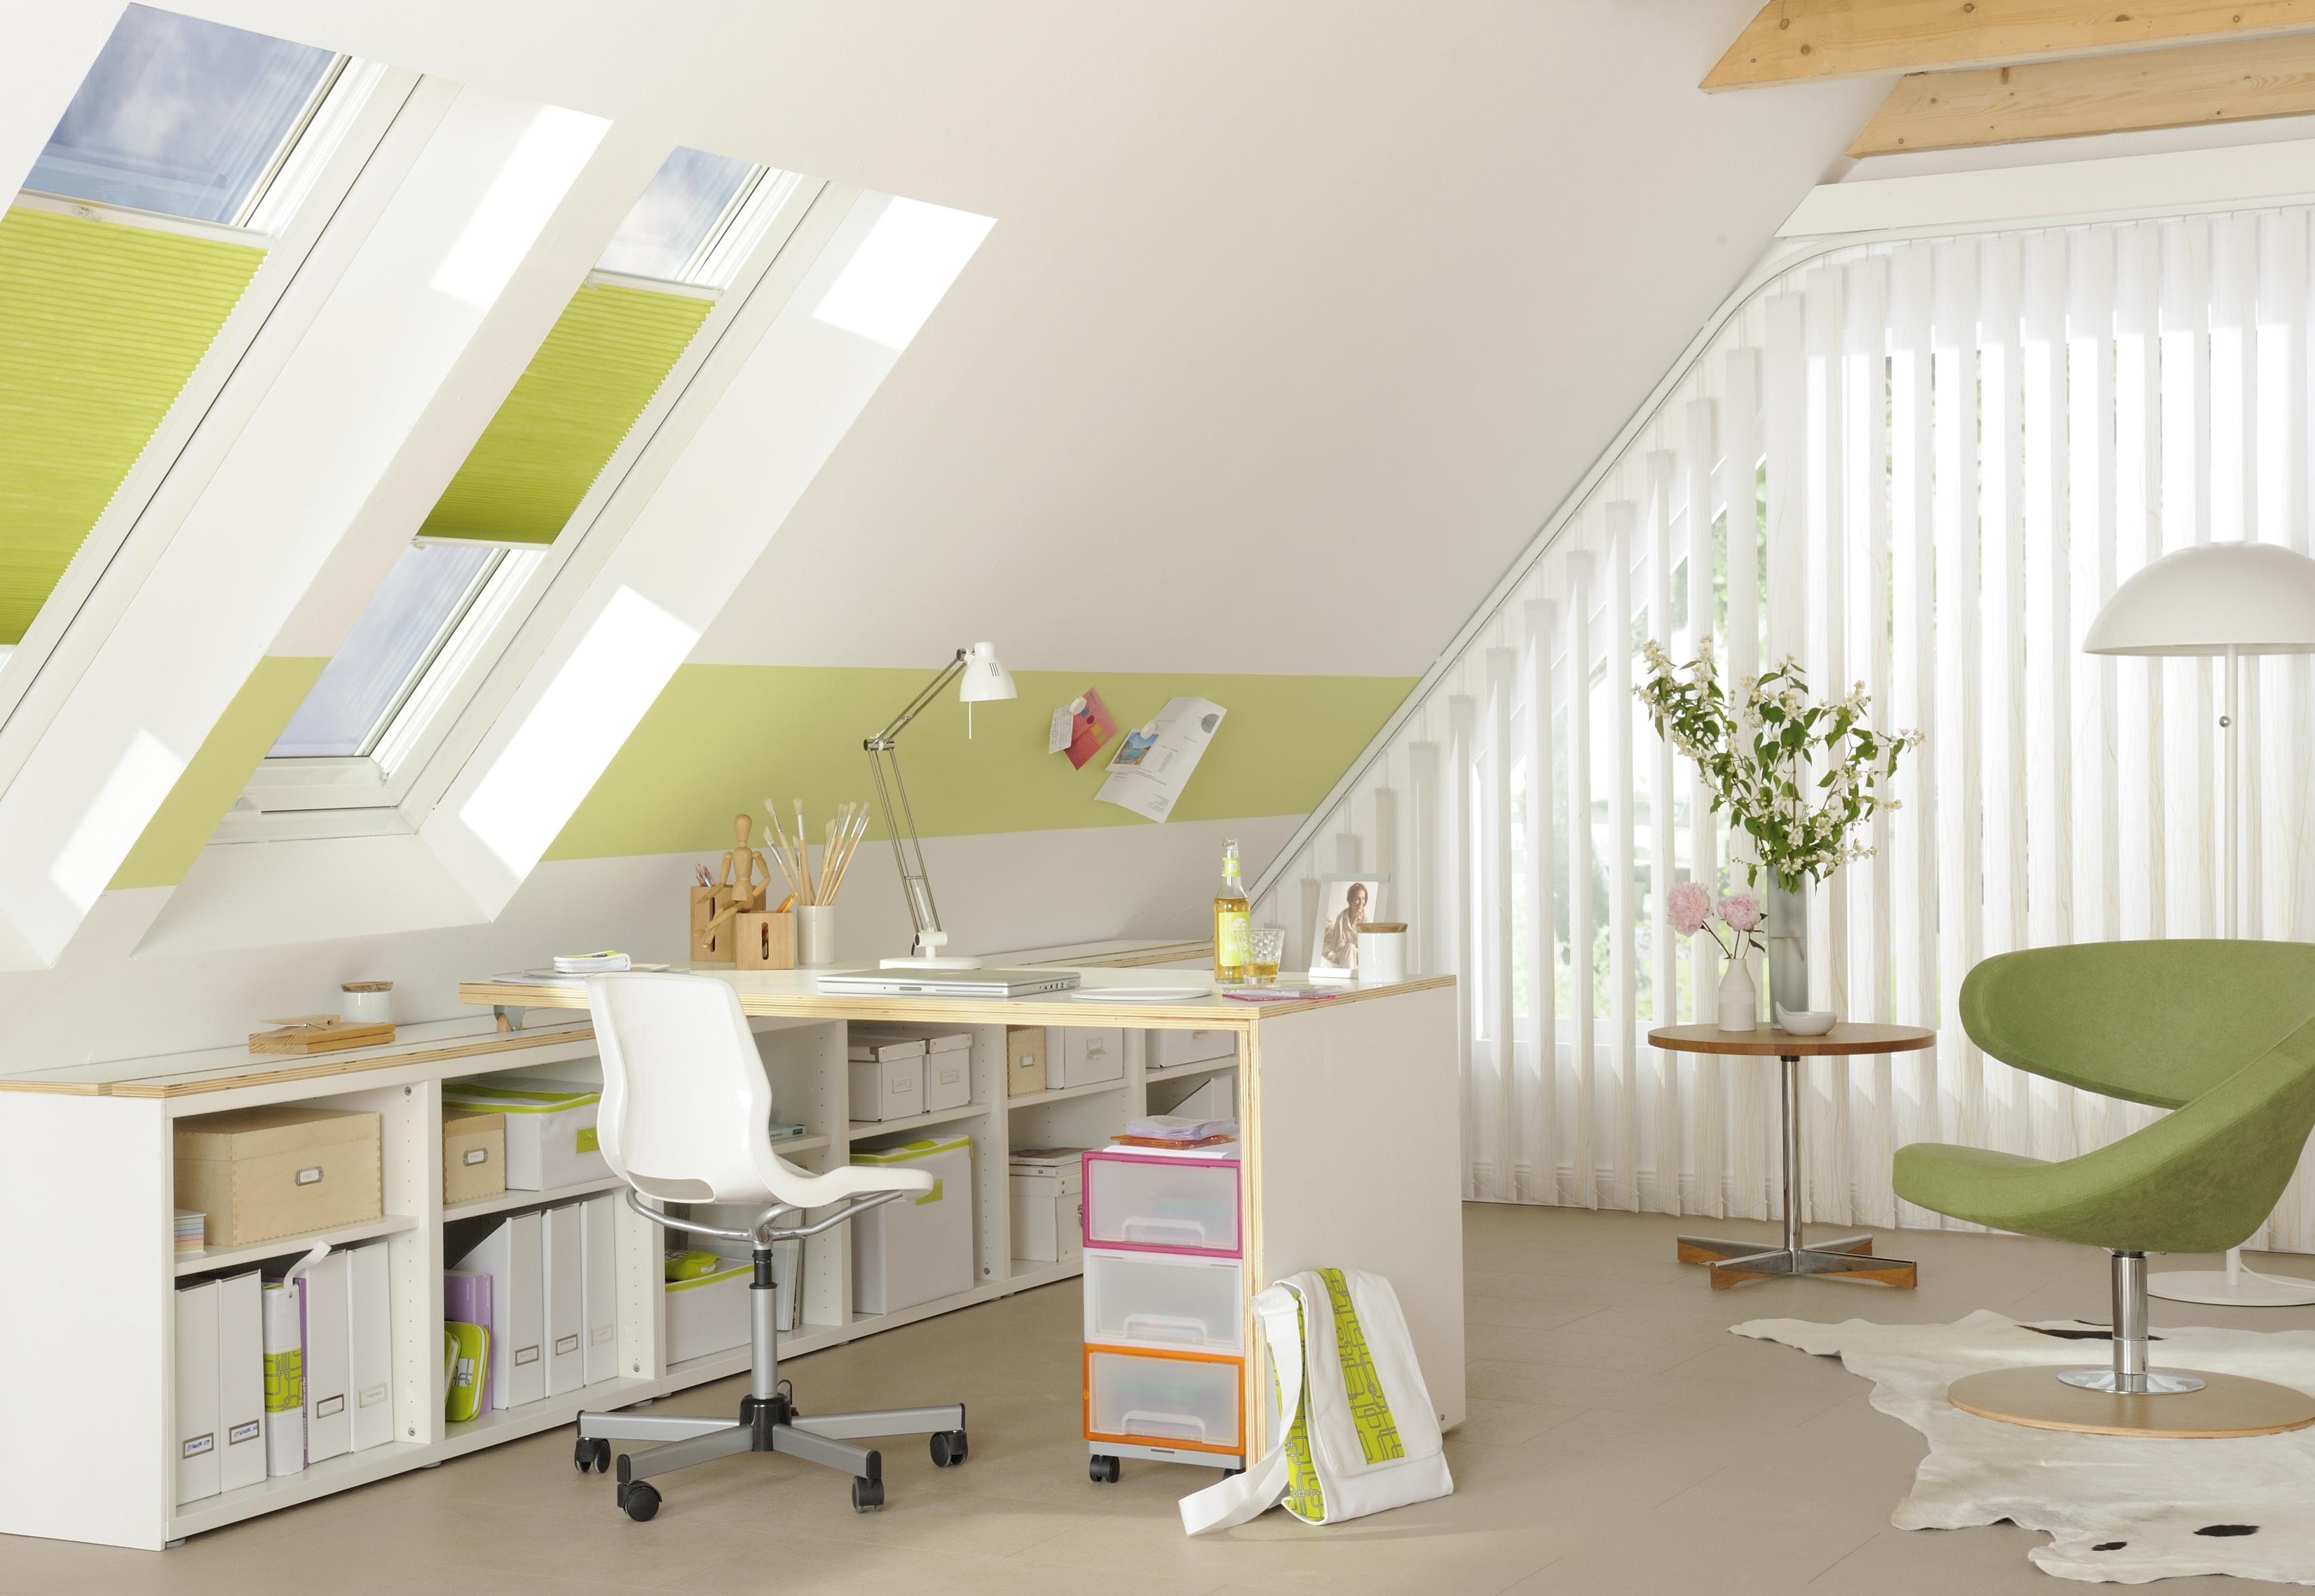 hitze unterm dach angenehm wohnen arbeiten und leben mit dekorativem sonnenschutz teba. Black Bedroom Furniture Sets. Home Design Ideas